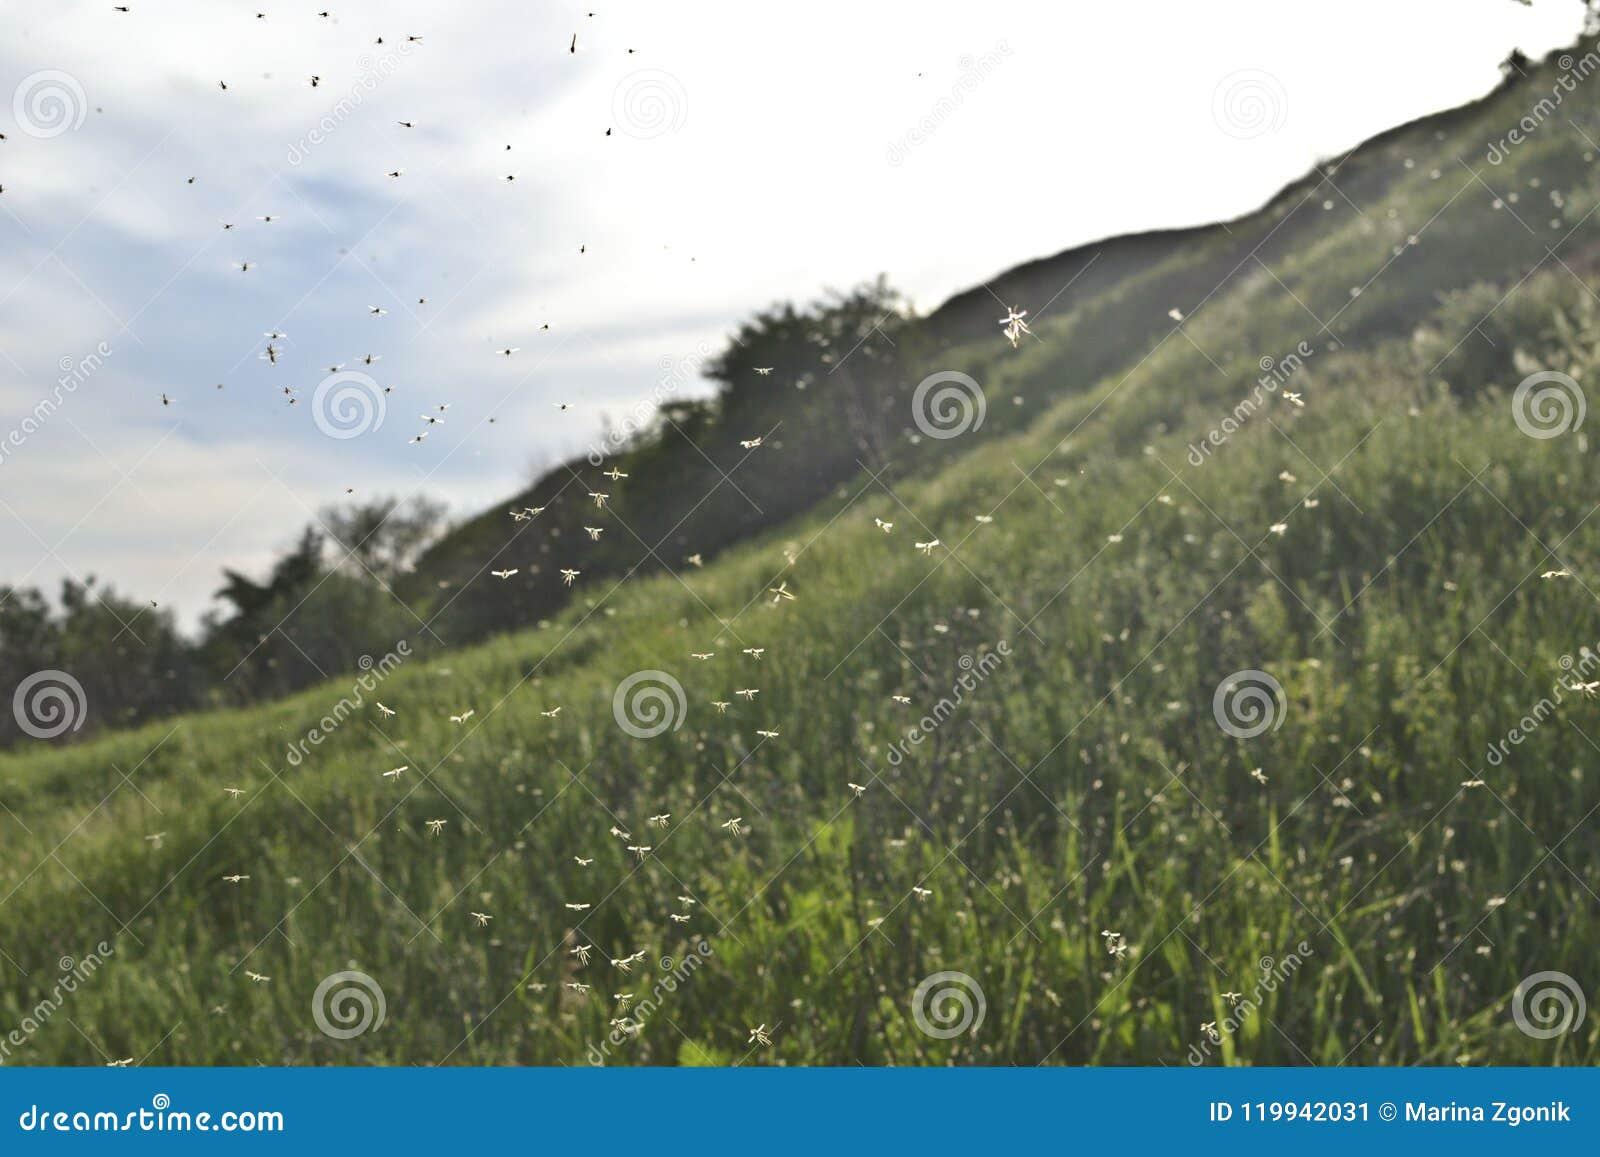 Wolk van insecten